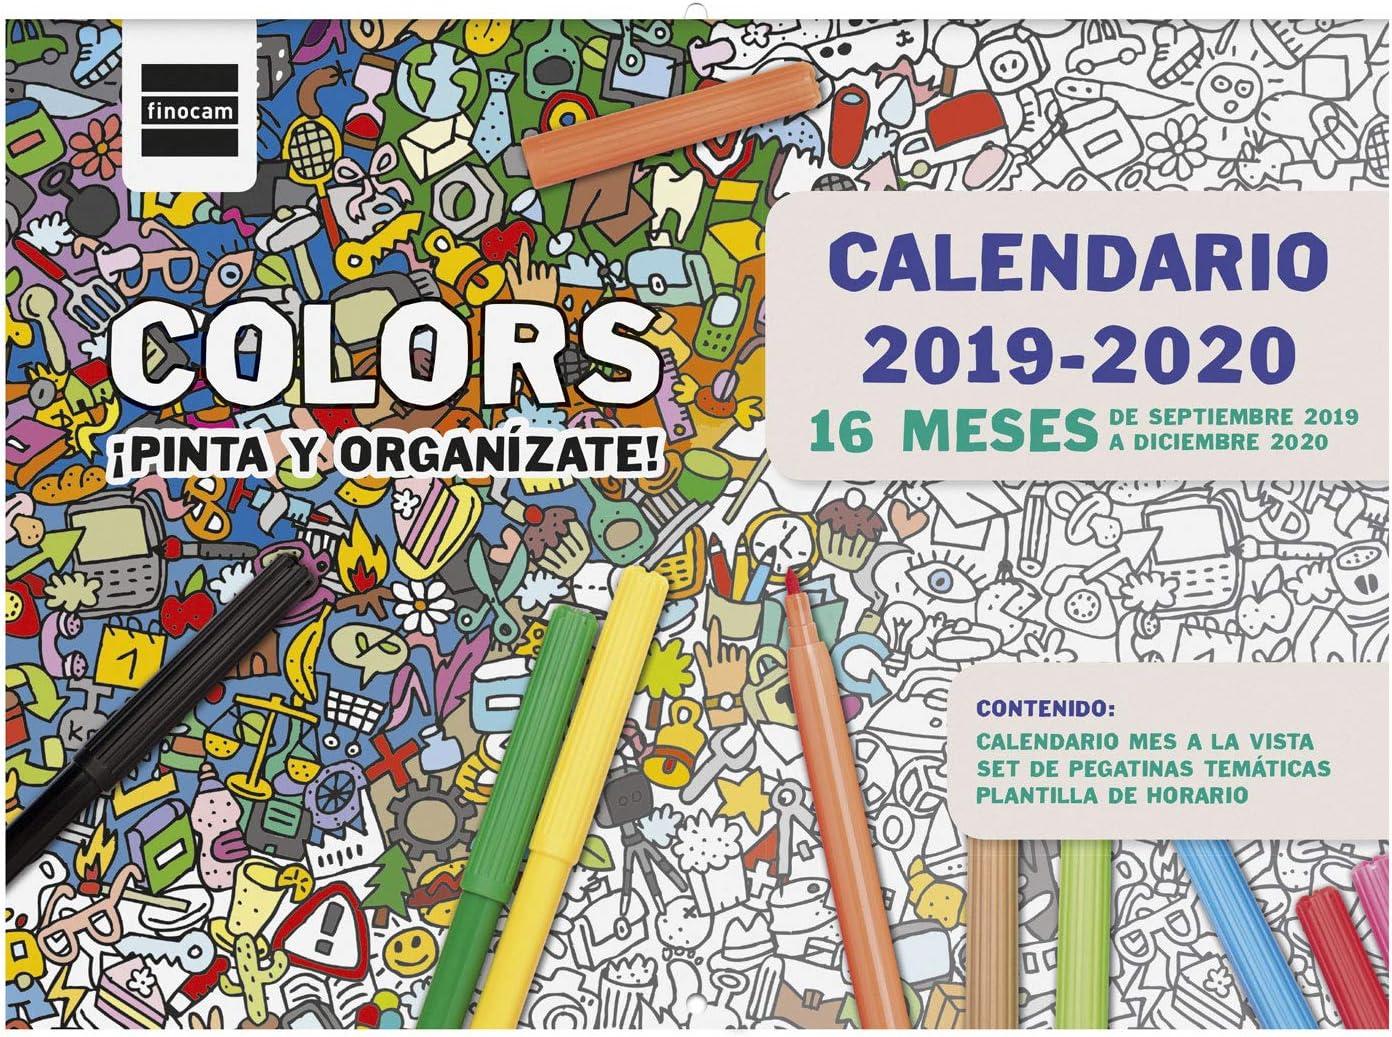 Calendario de pared 16 meses 2019-2020 español Colors Finocam ...